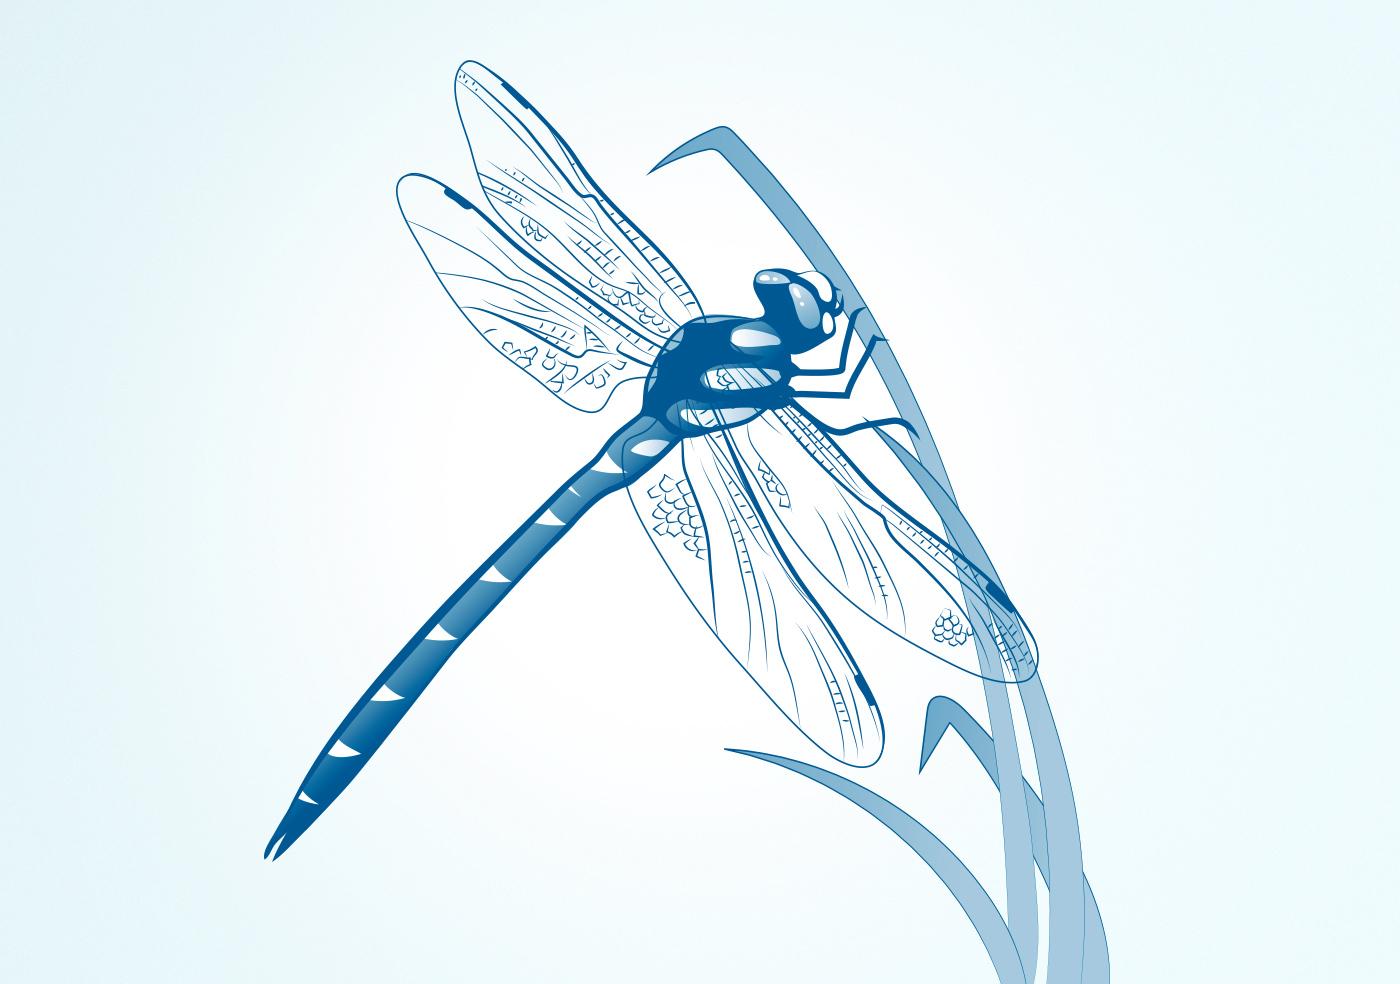 Illustrationen für Gewässerschutz und -Unterhalt